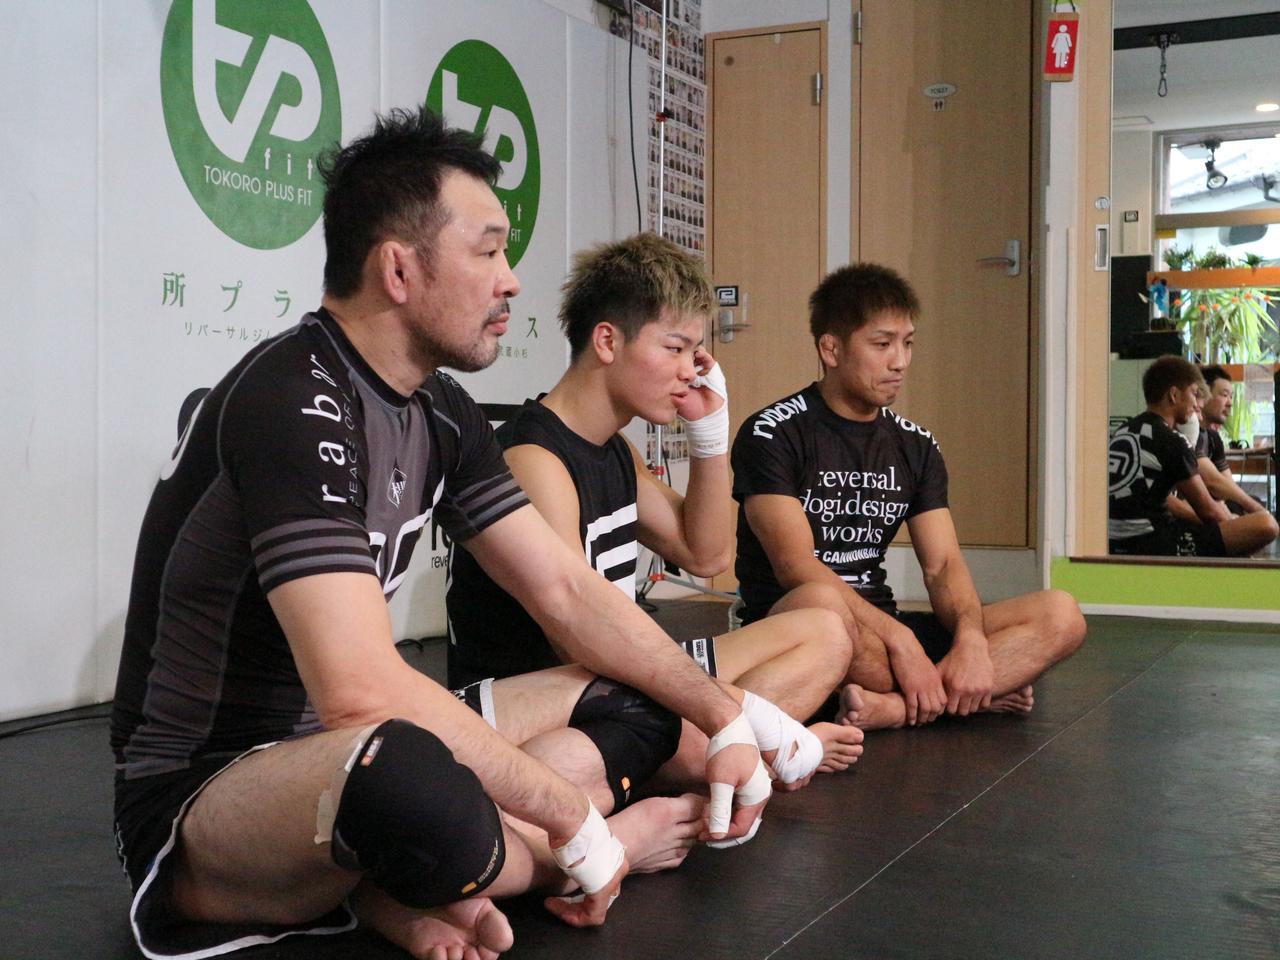 画像3: RIZINマリンメッセ福岡大会まであと10日と迫った今日、那須川天心が公開練習を敢行。 また桜庭和志、所英男からもMMAにおける戦術が伝授された。